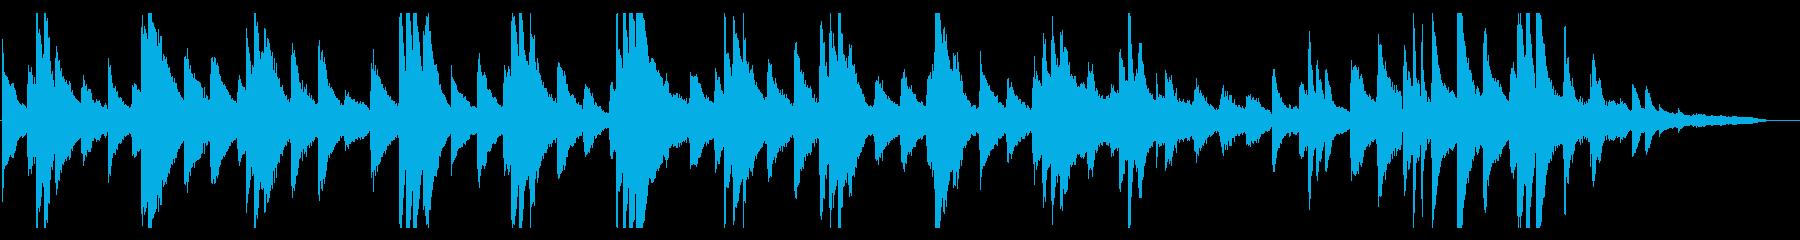 ノスタルジックで美しい旋律のピアノ曲の再生済みの波形